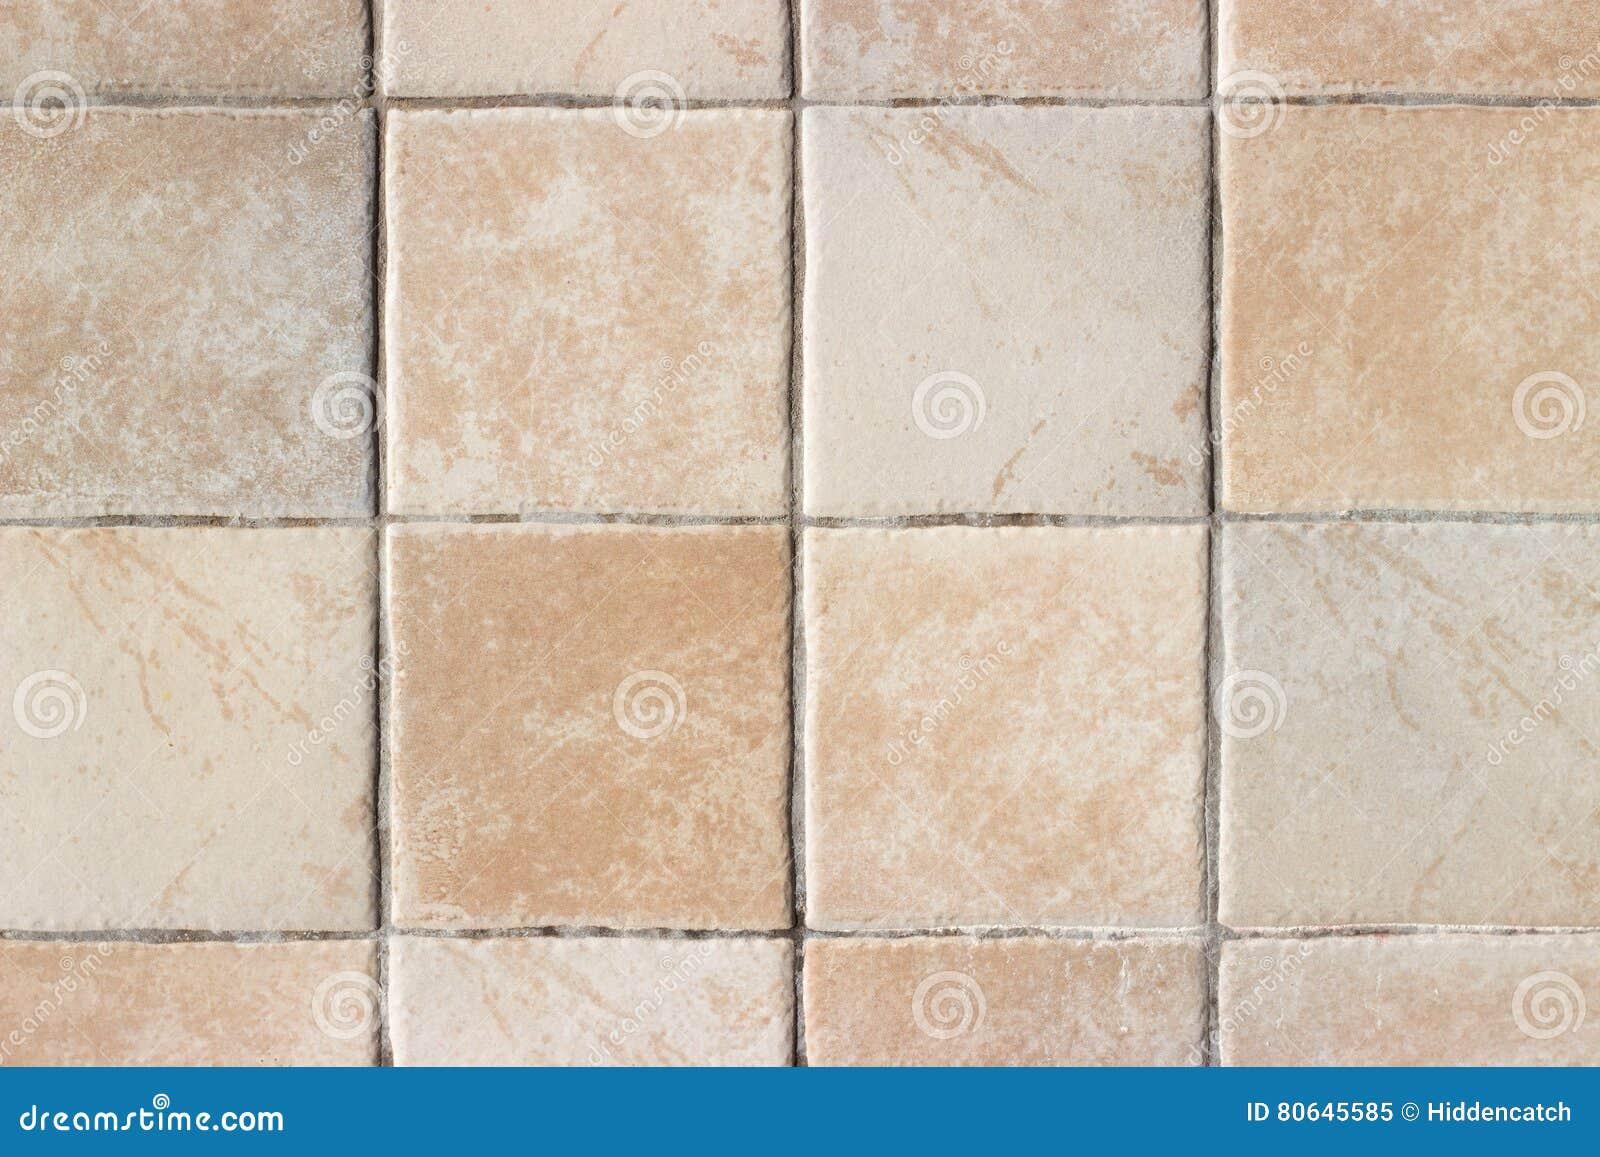 keuken tegels beige : Decoratieve Beige Keukentegels Stock Afbeelding Afbeelding 80645585